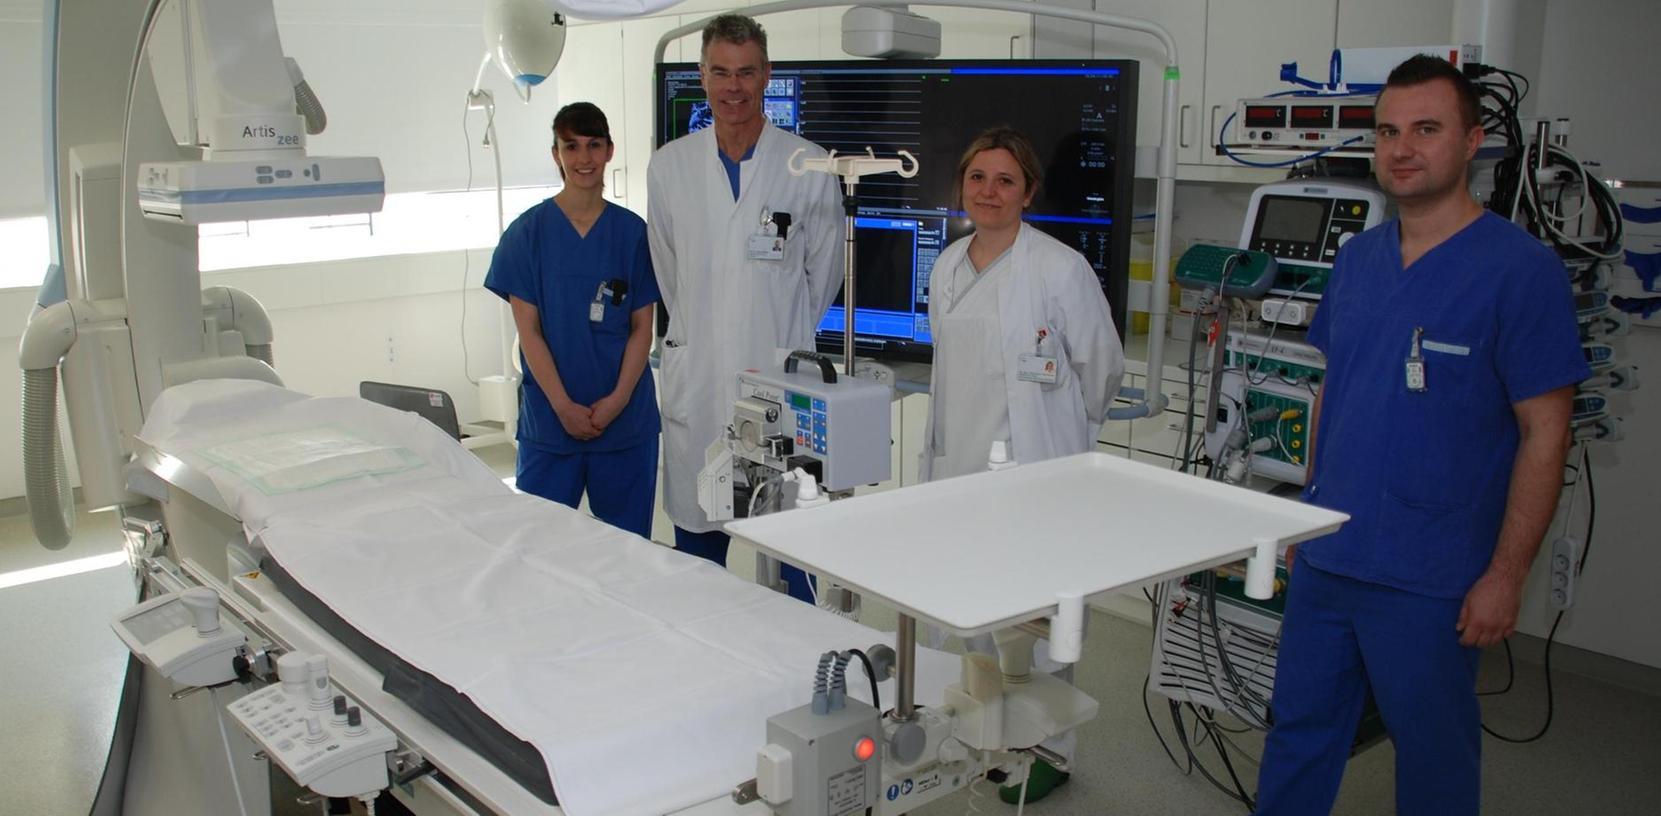 Stolz auf das neue Herzkatheterlabor (von links): Desiree Schumann (stellvertretende Leiterin Pflege), Chefarzt Dr. Harald Rittger, Oberärztin Laura Vitali-Serdoz und Assistenzkraft Selver Bradaric.